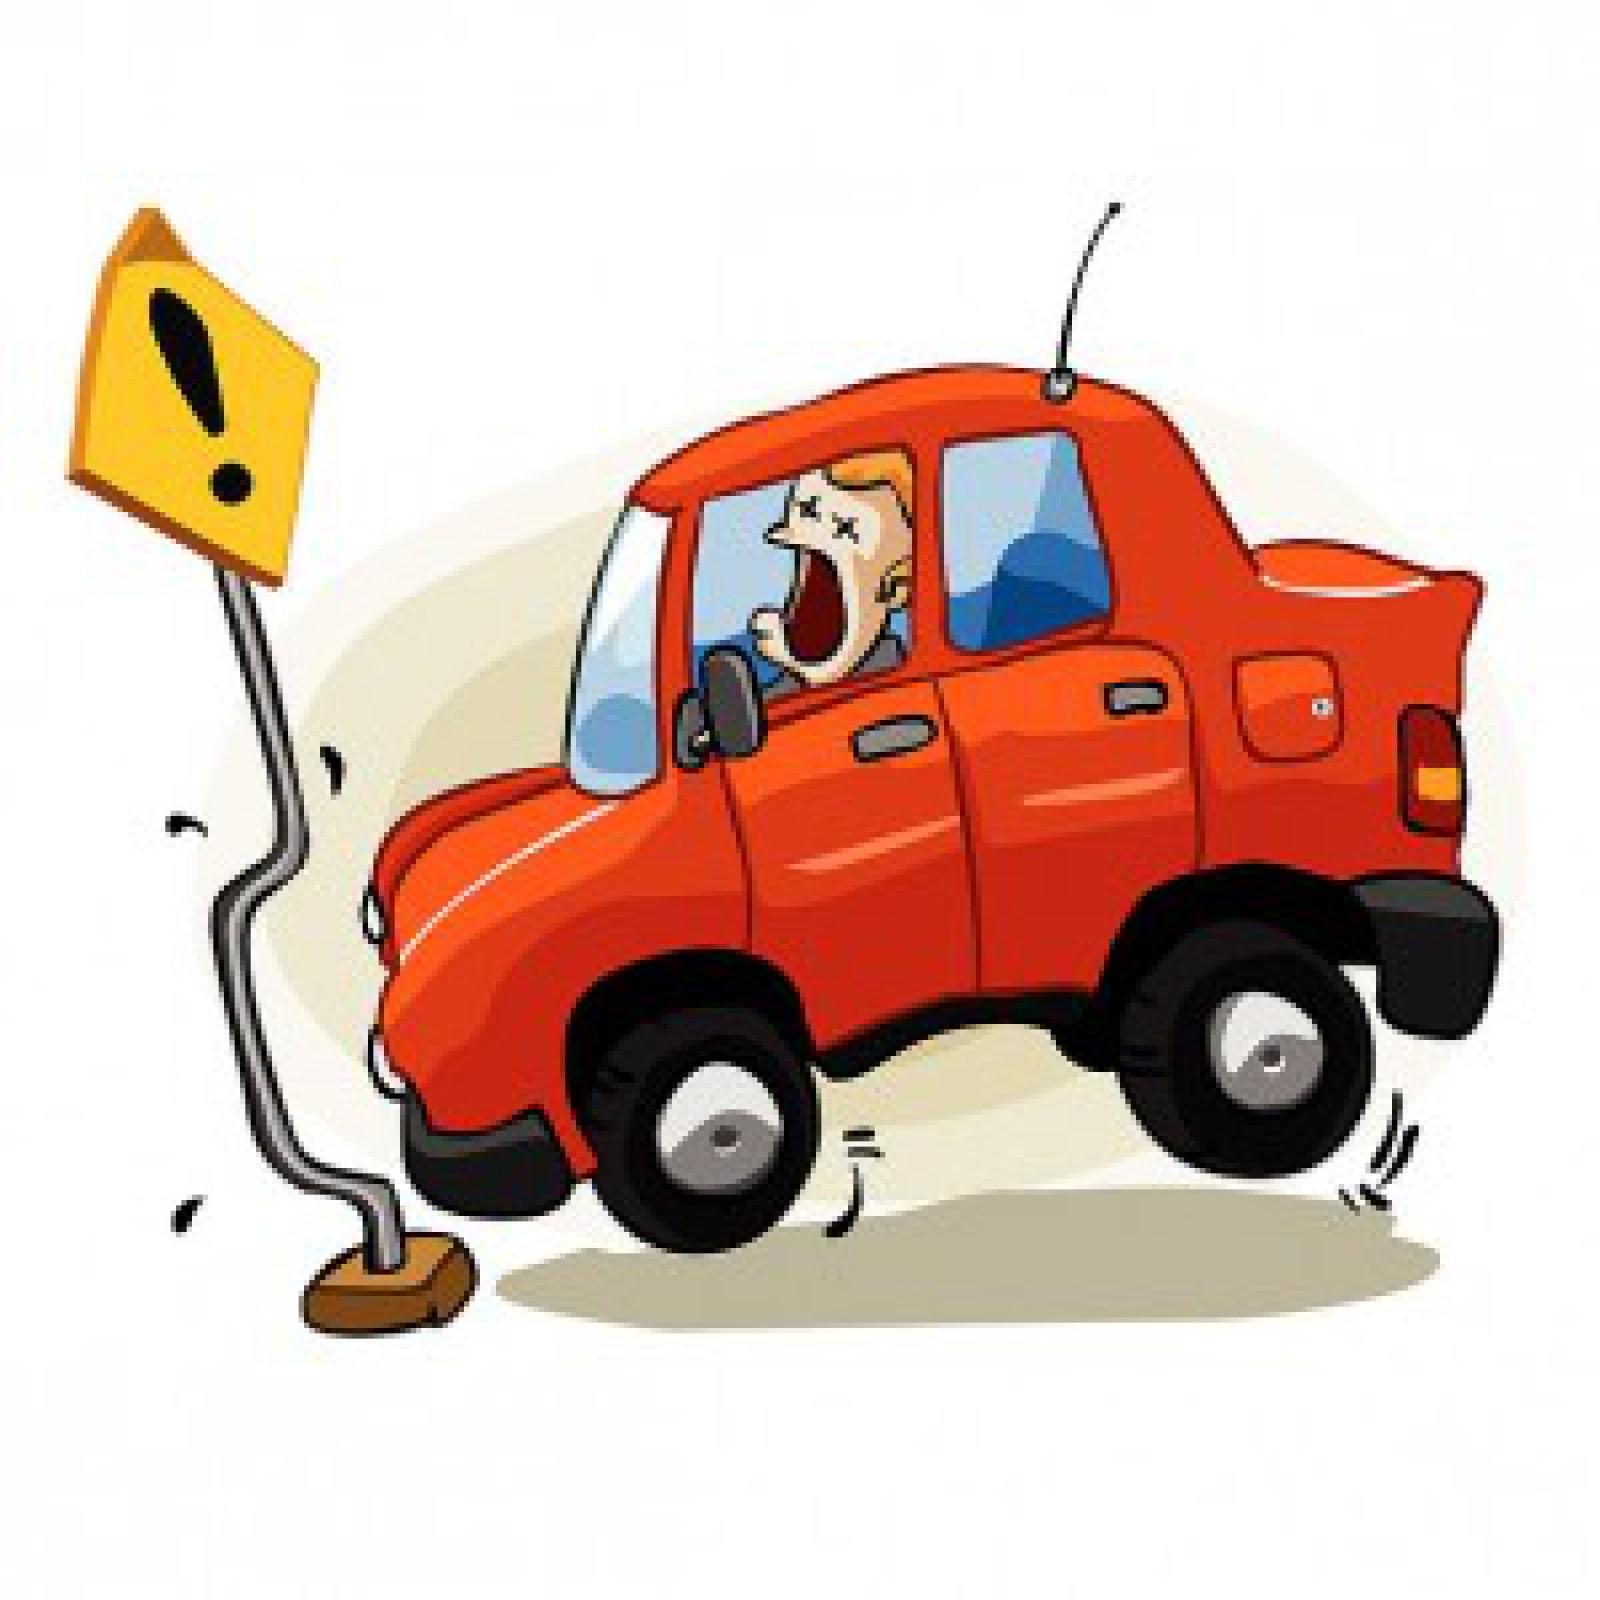 Revoca della patente di guida: interviene la Corte Costituzionale, il Prefetto non DEVE ma PUO' sospendere